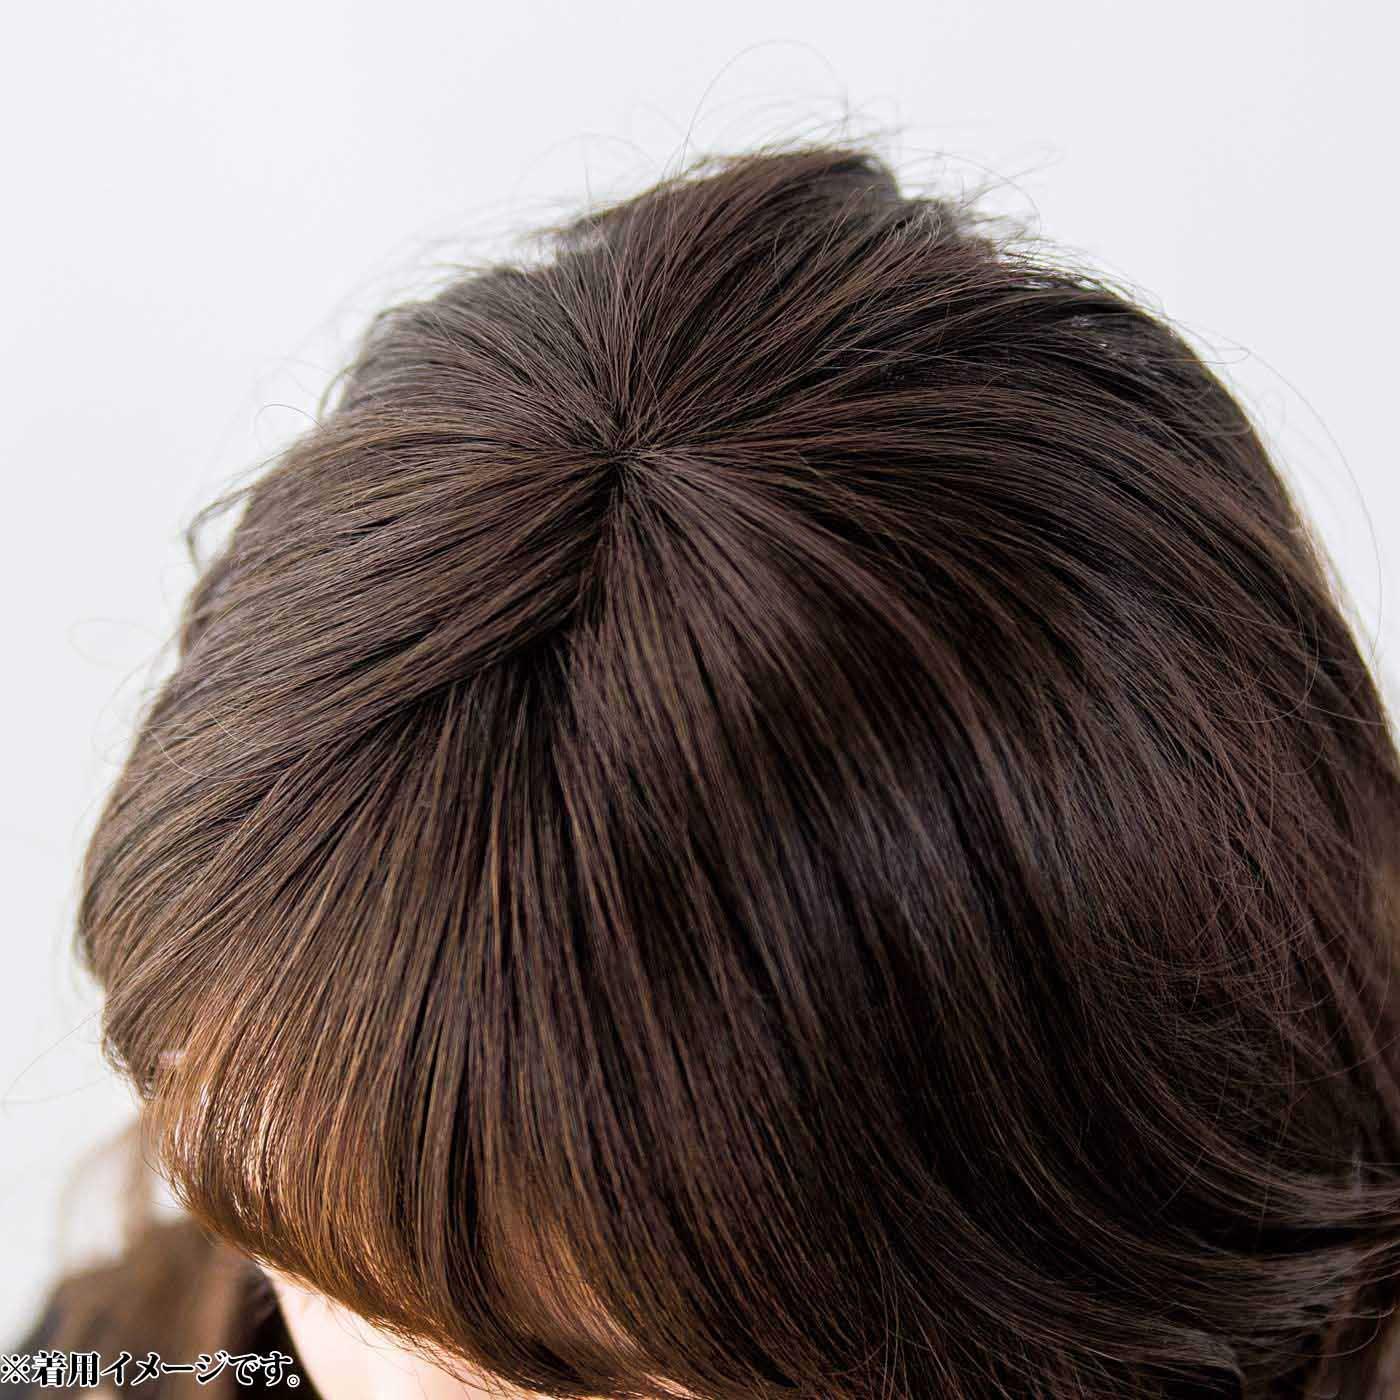 これは参考画像です。After つむじをカバーでマイナス5歳印象。伸びかけの白髪も隠せます。